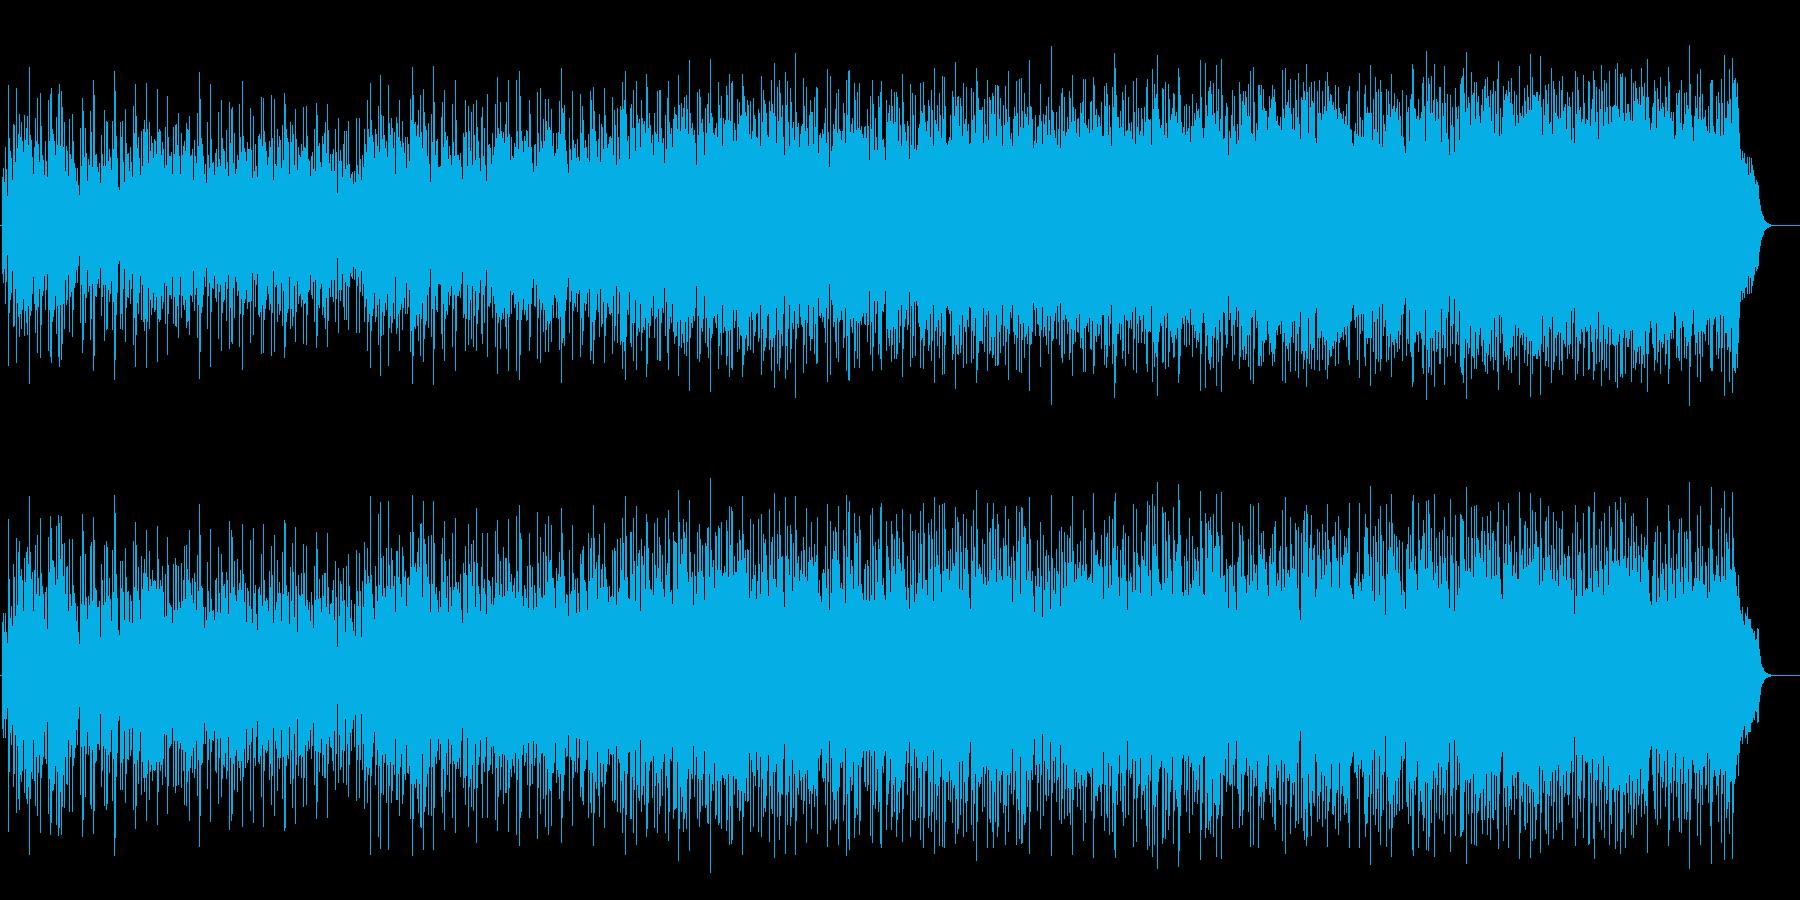 優しい気持ちになるノスタルジックポップスの再生済みの波形